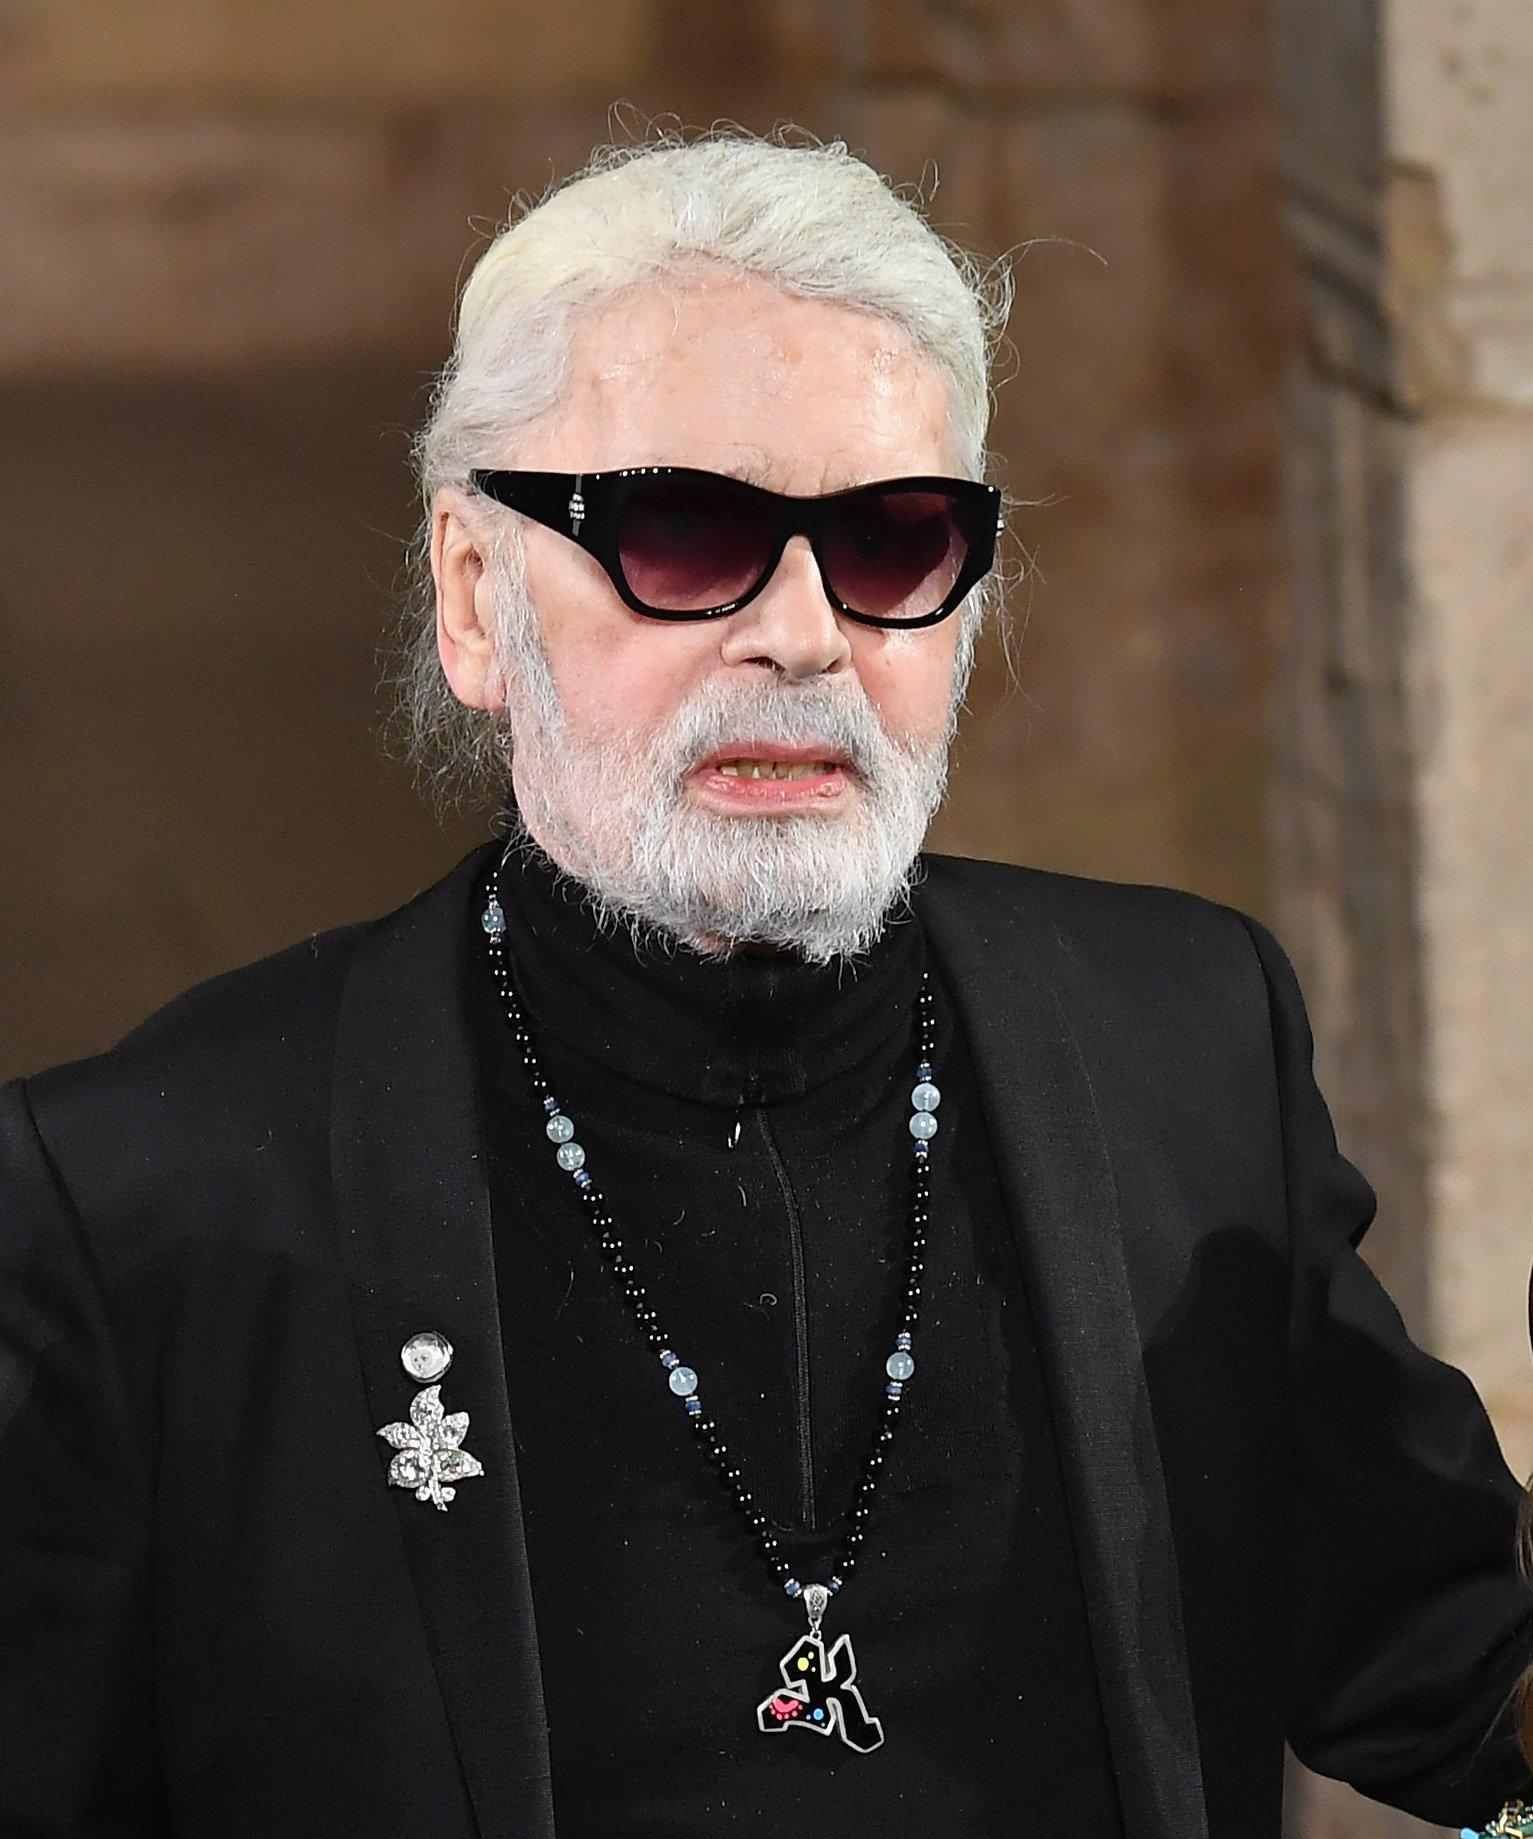 カール・ラガーフェルド氏が死去 シャネルのデザイナー、85歳